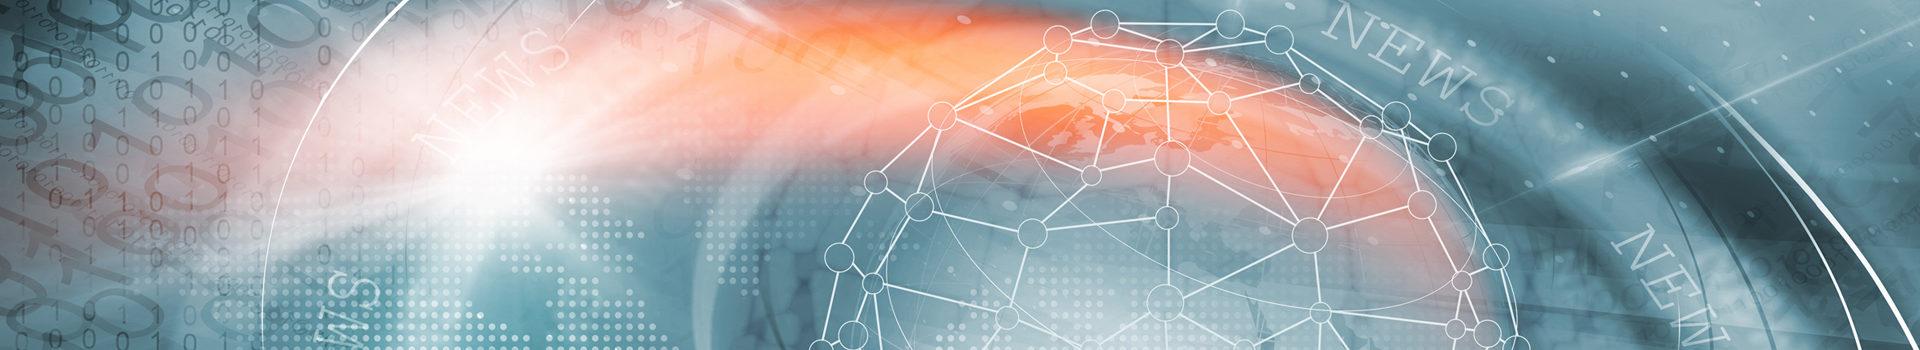 ROSPHARMA - Sản phẩm chất lượng cao, công nghệ hiện đại giúp bảo vệ sức khỏe